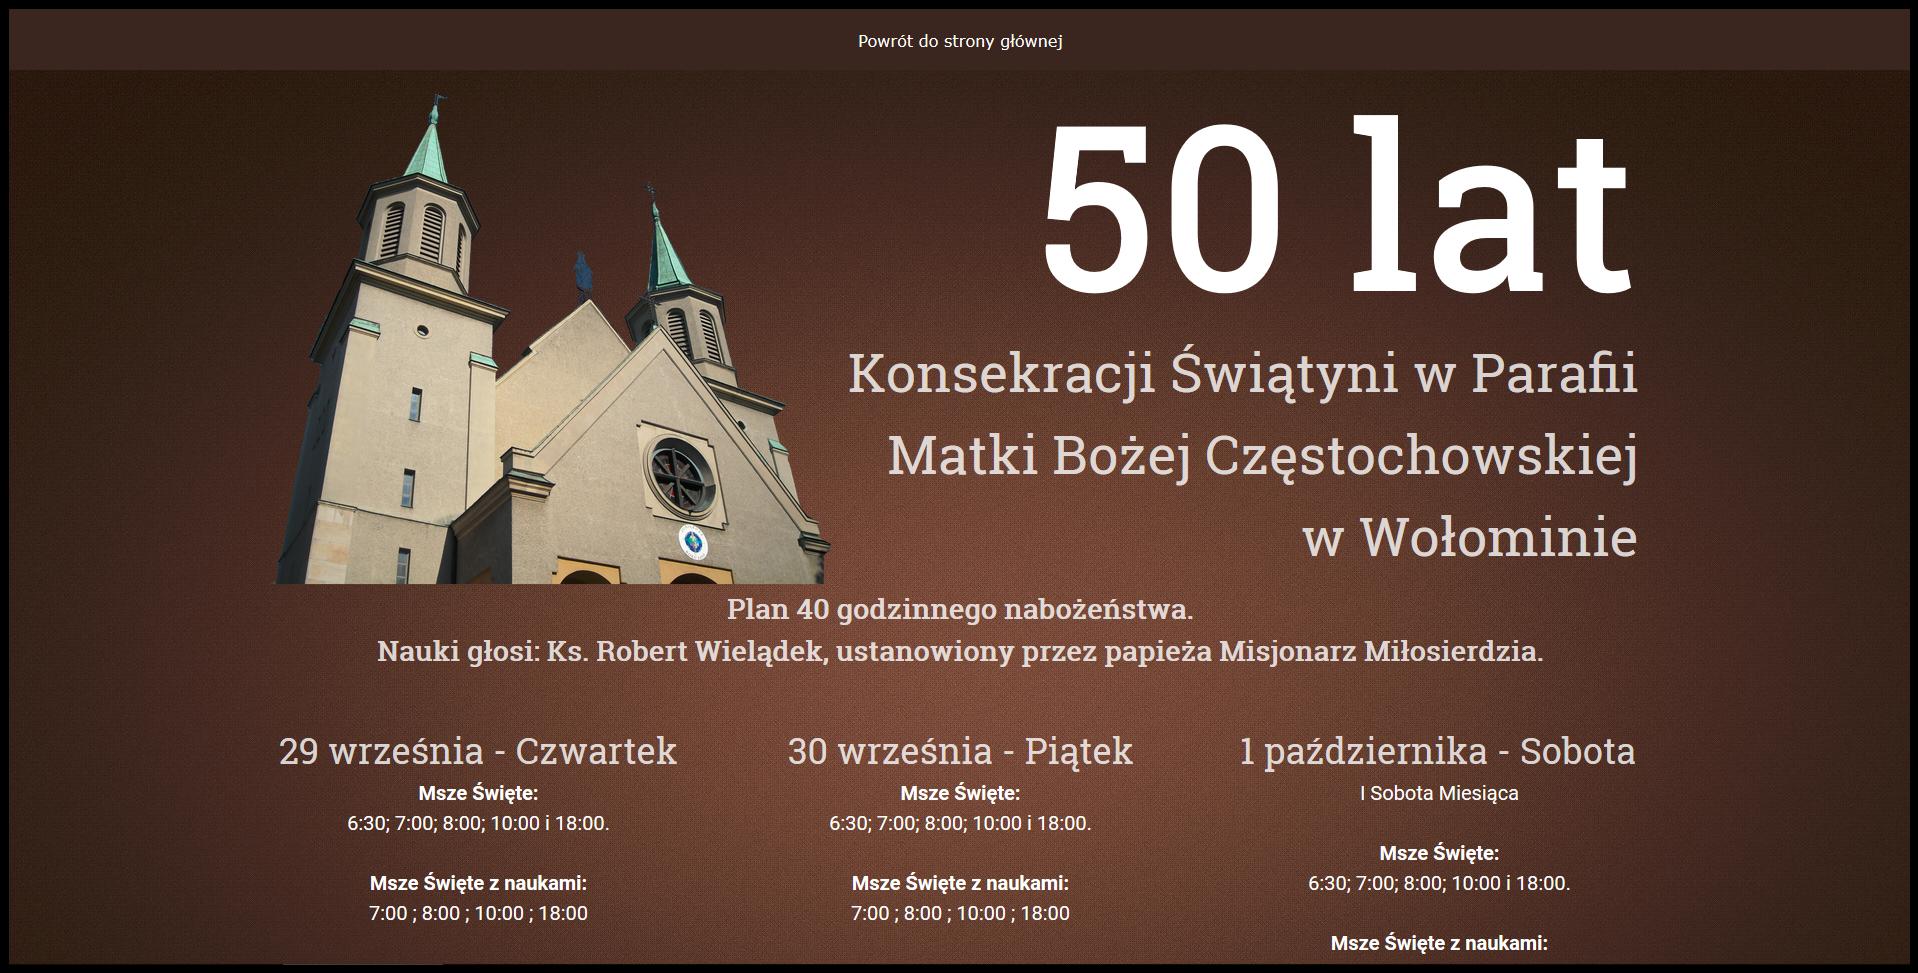 Jubileuszowa strona parafii Matki Bożej Częstochowskiej